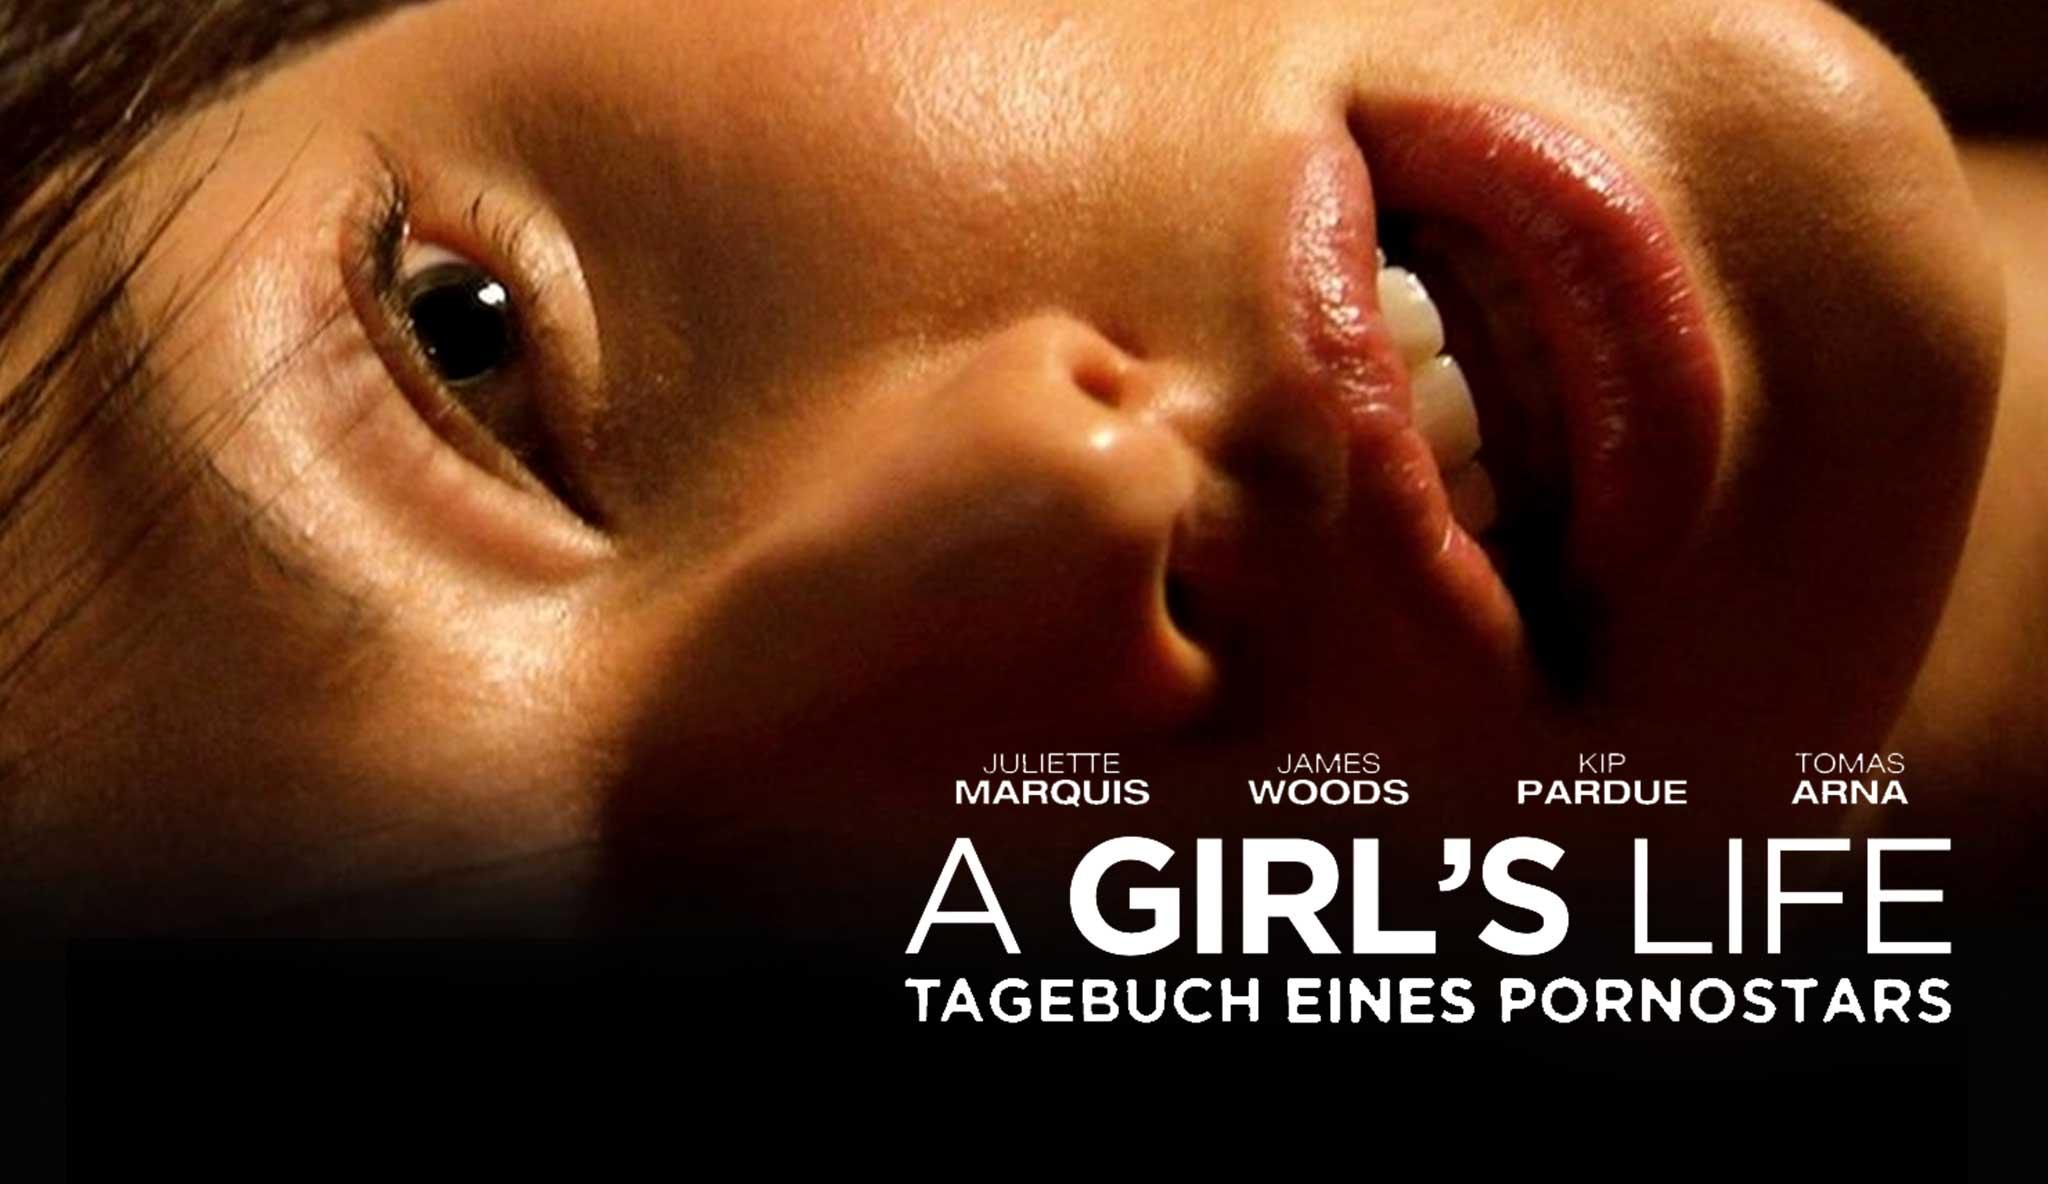 a-girls-life-tagebuch-eines-pornostars\header.jpg